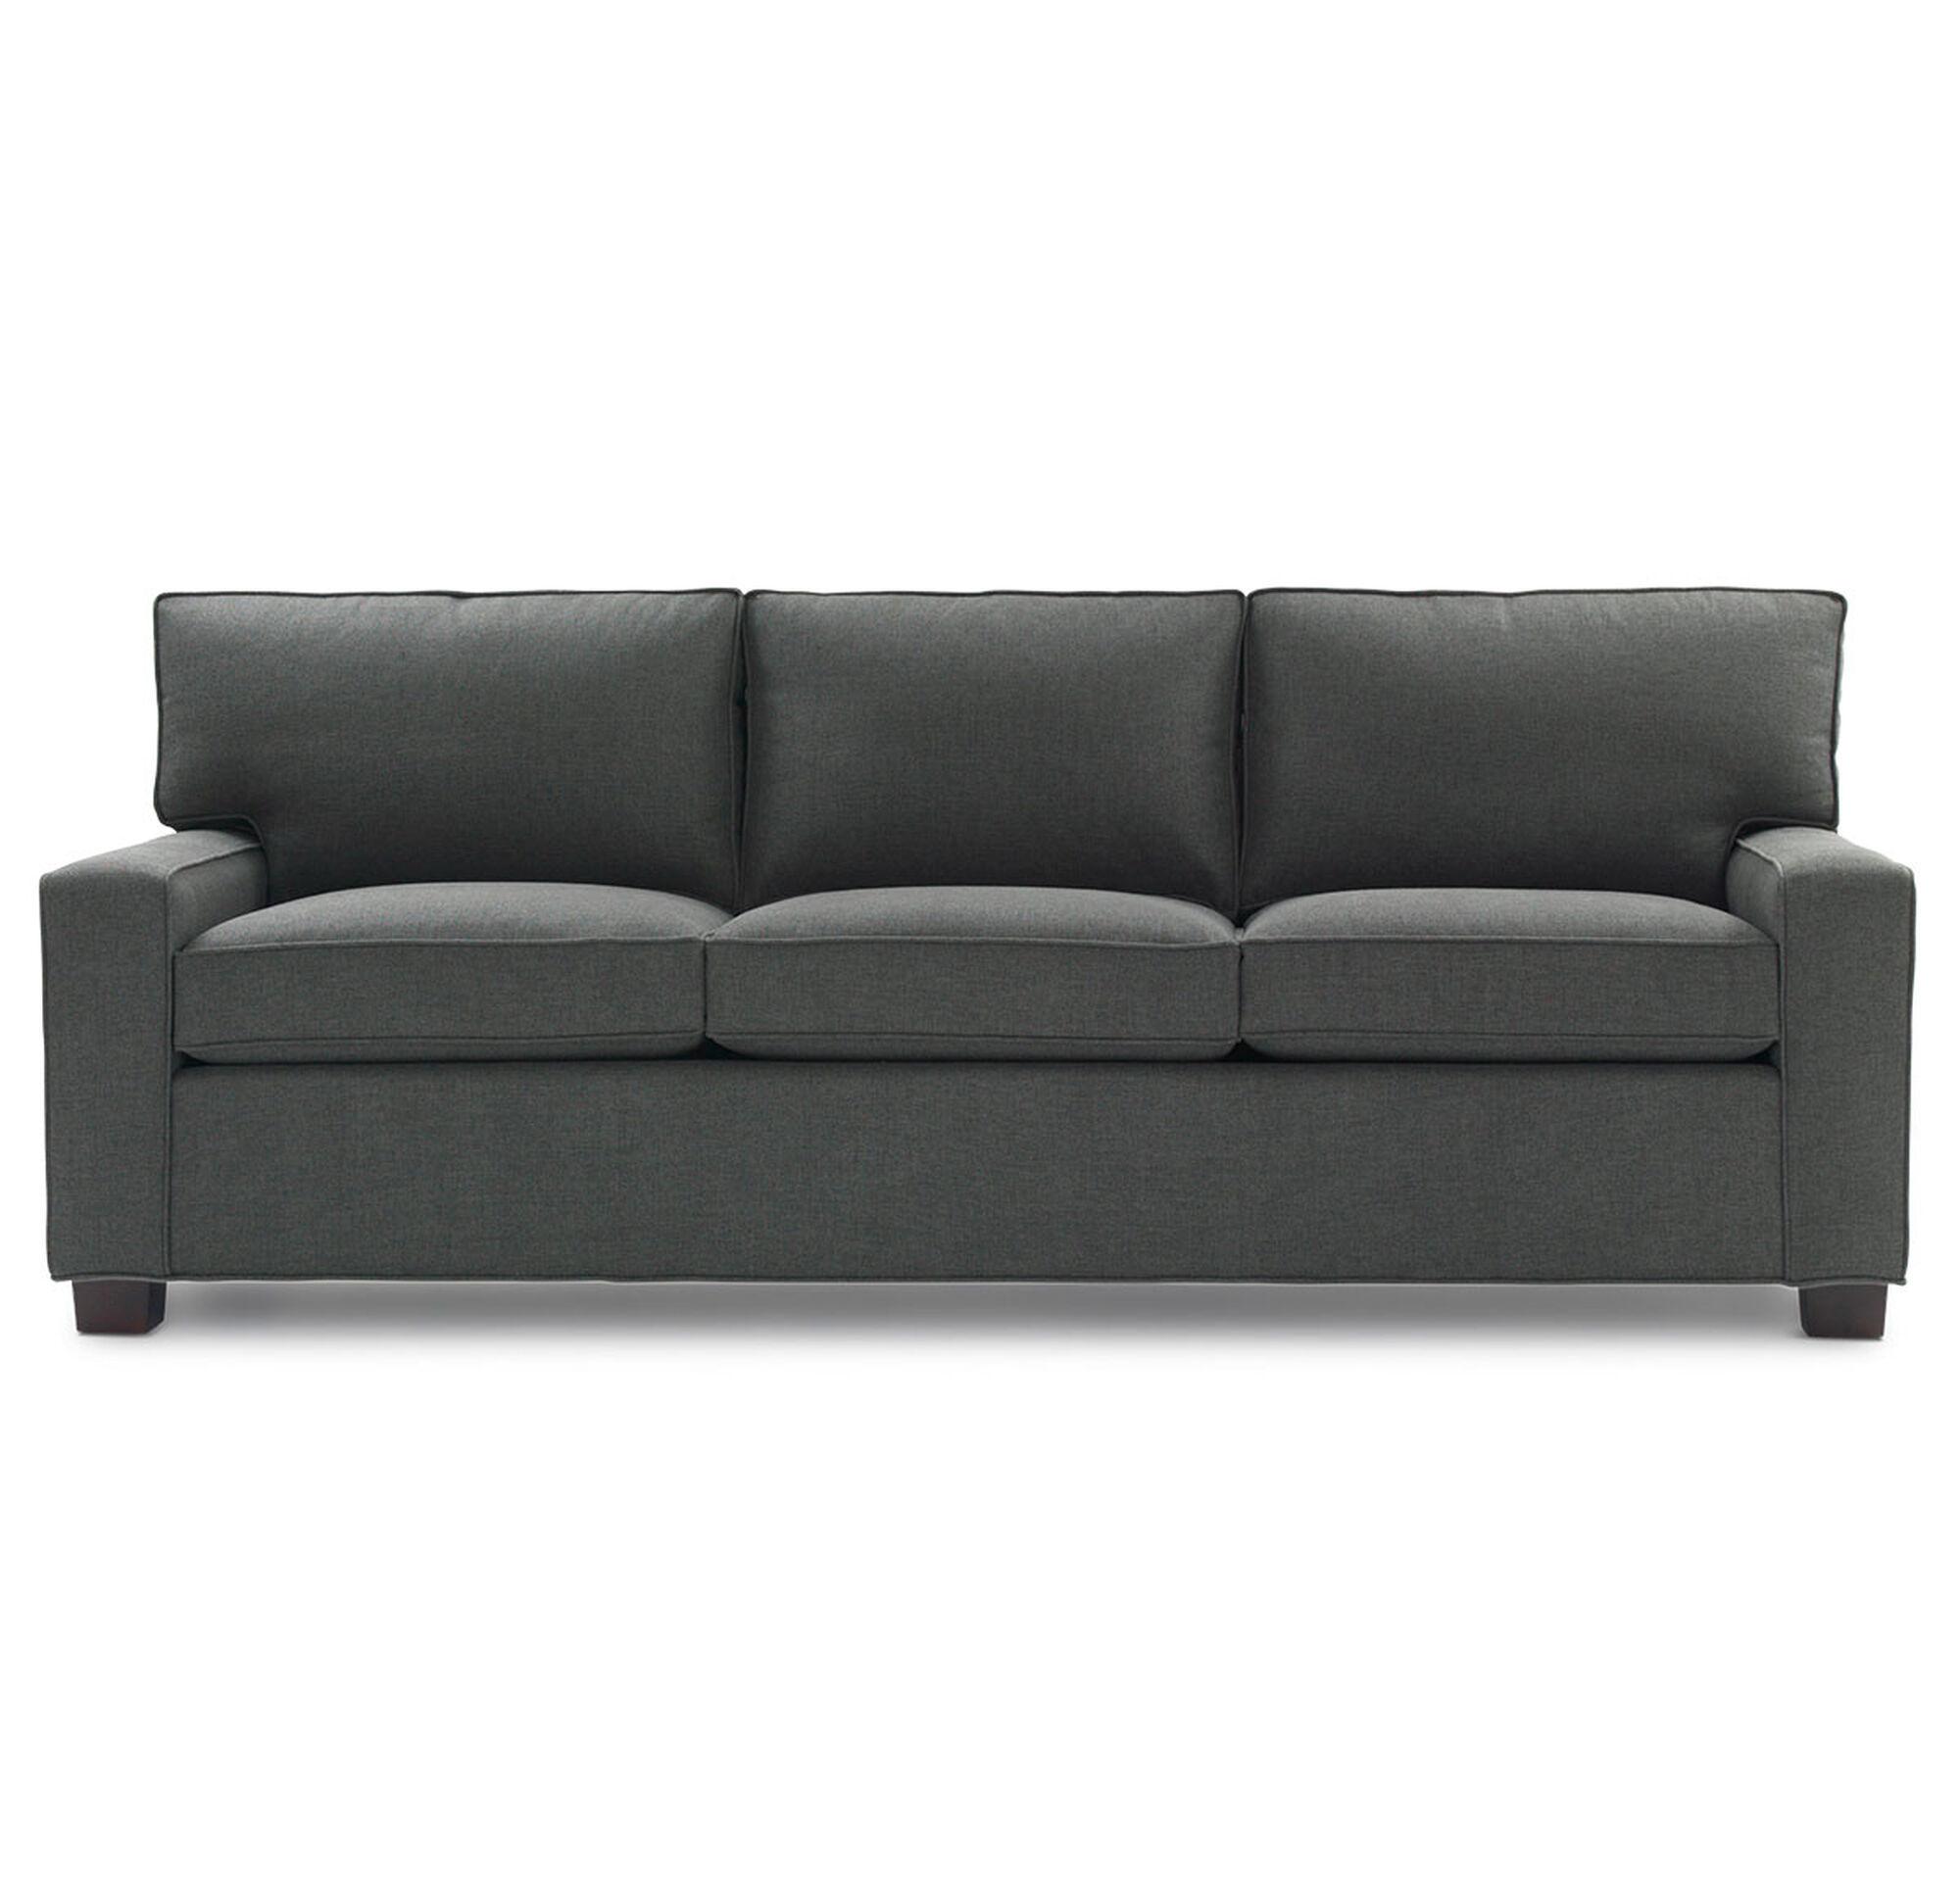 Alex sofa hi res